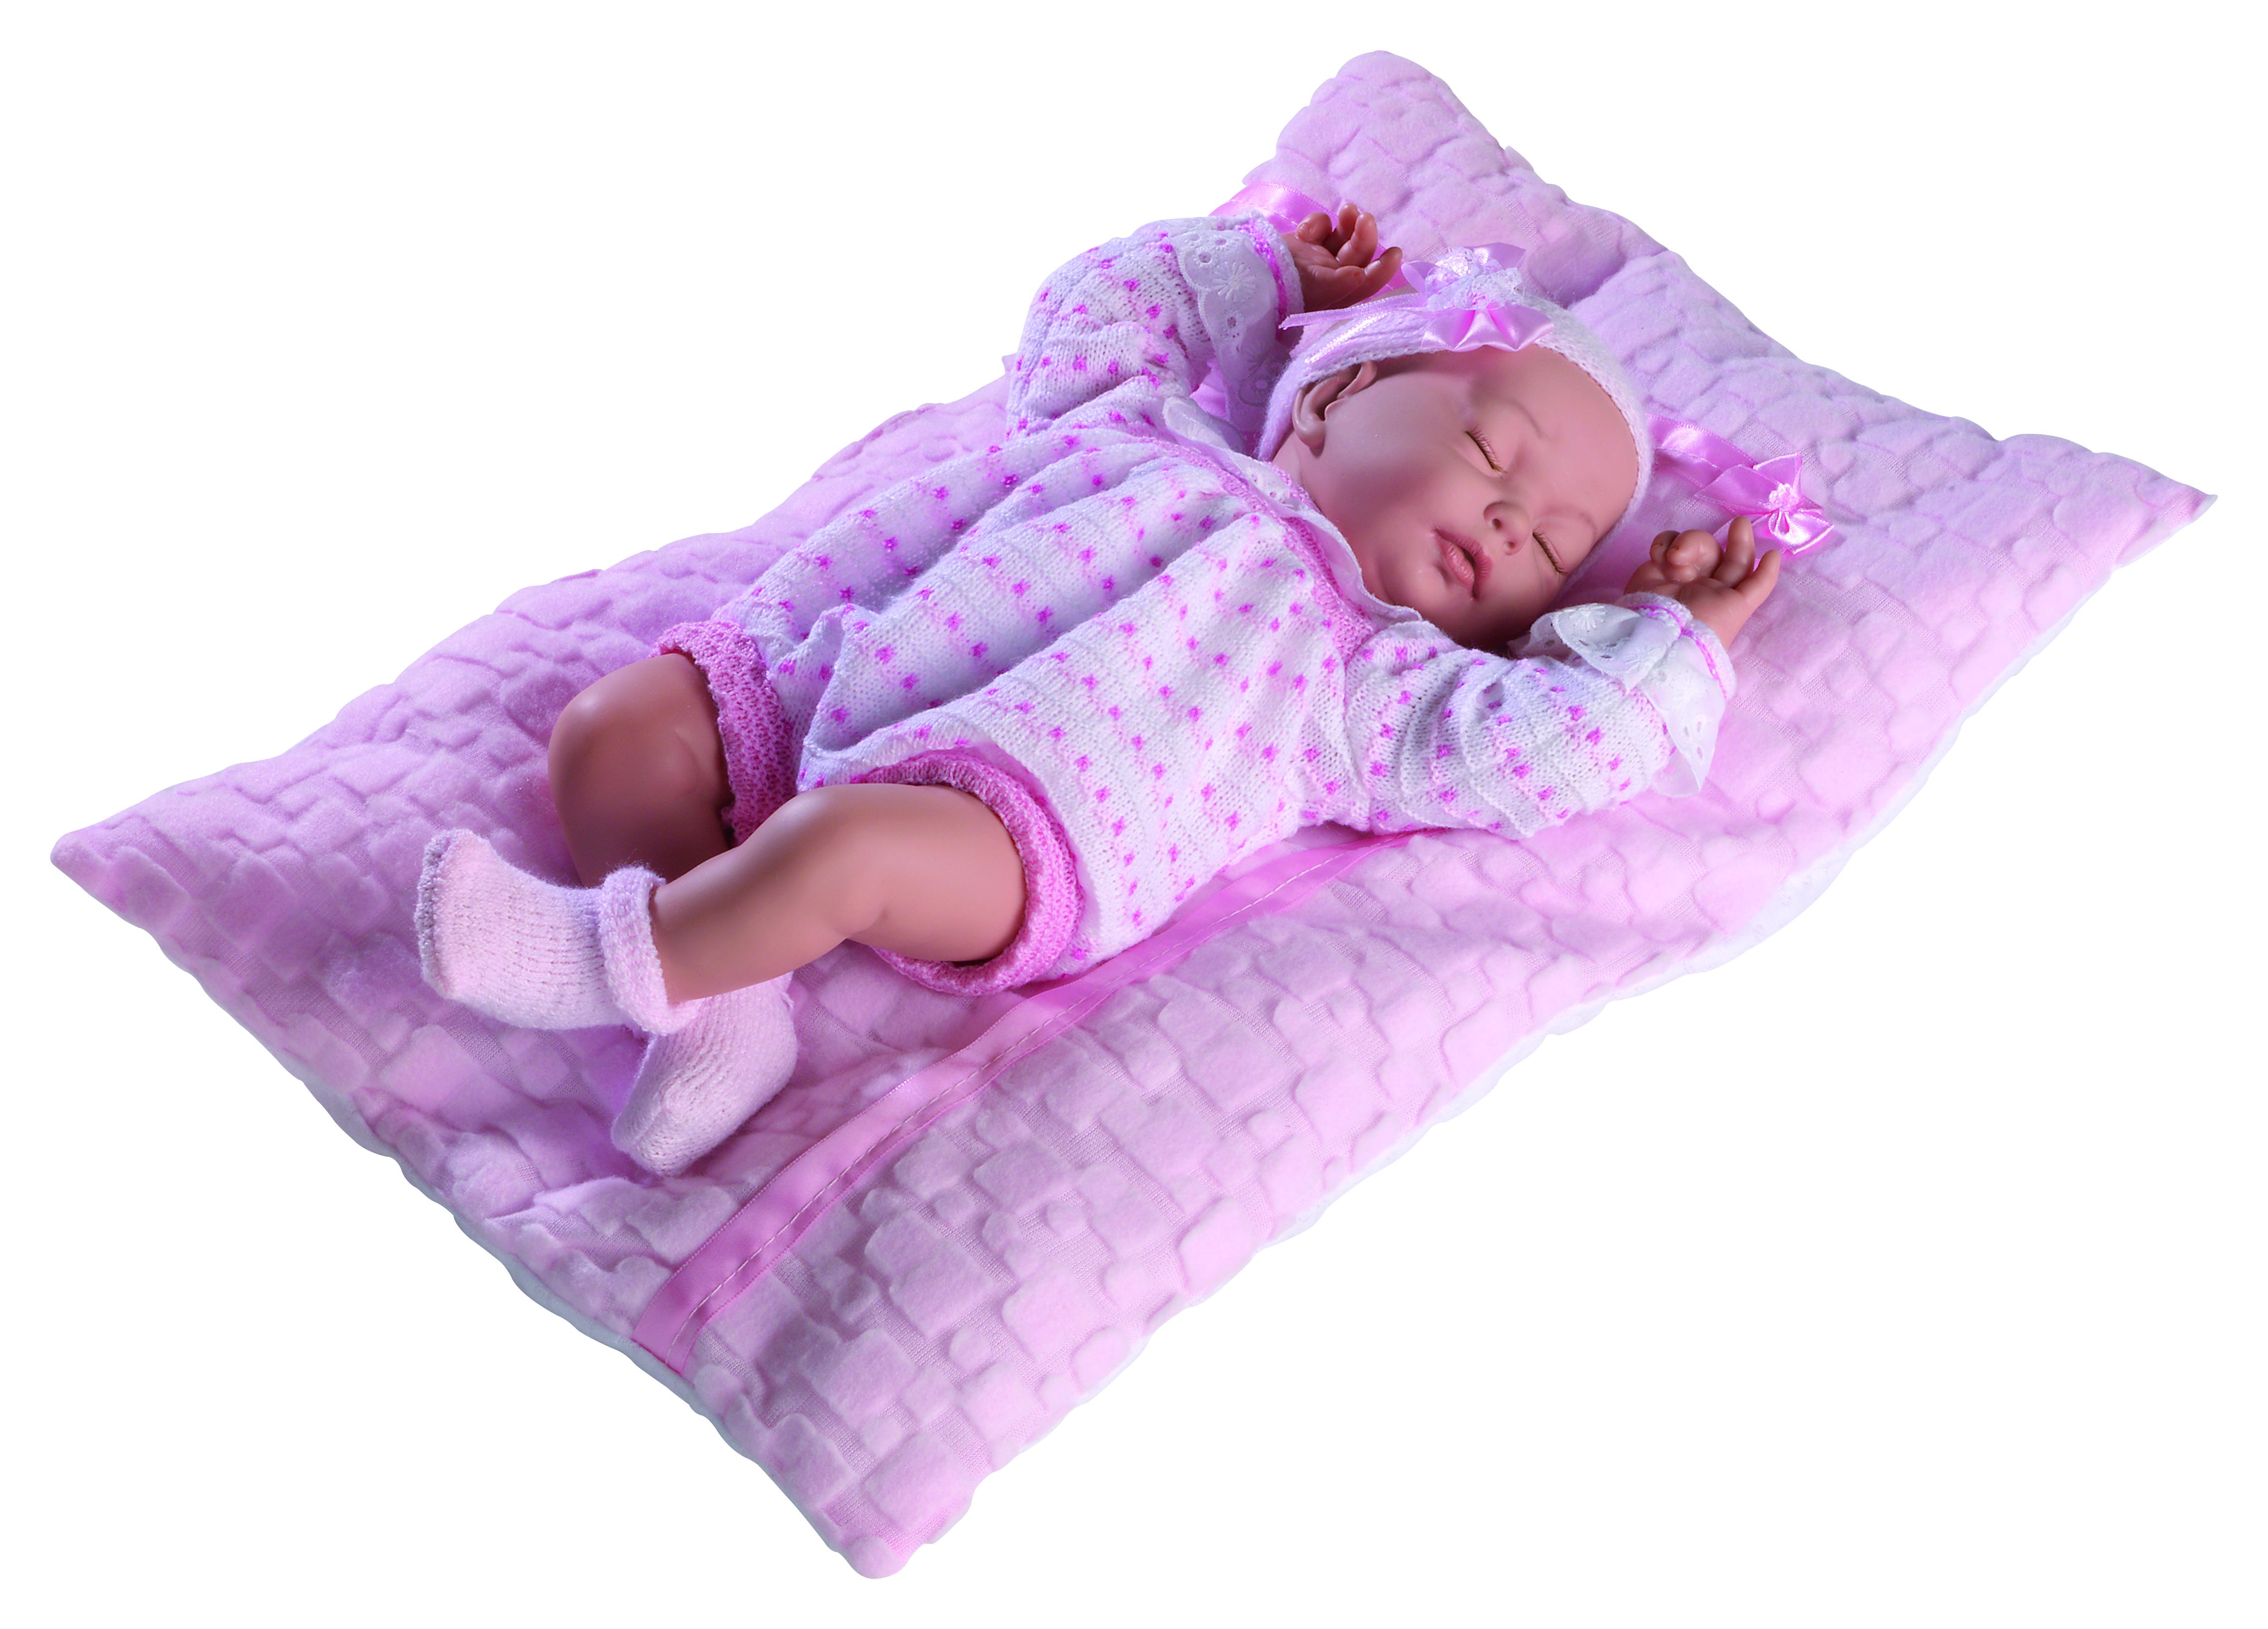 Cris Bebé con ropita rosada y cojín blanco